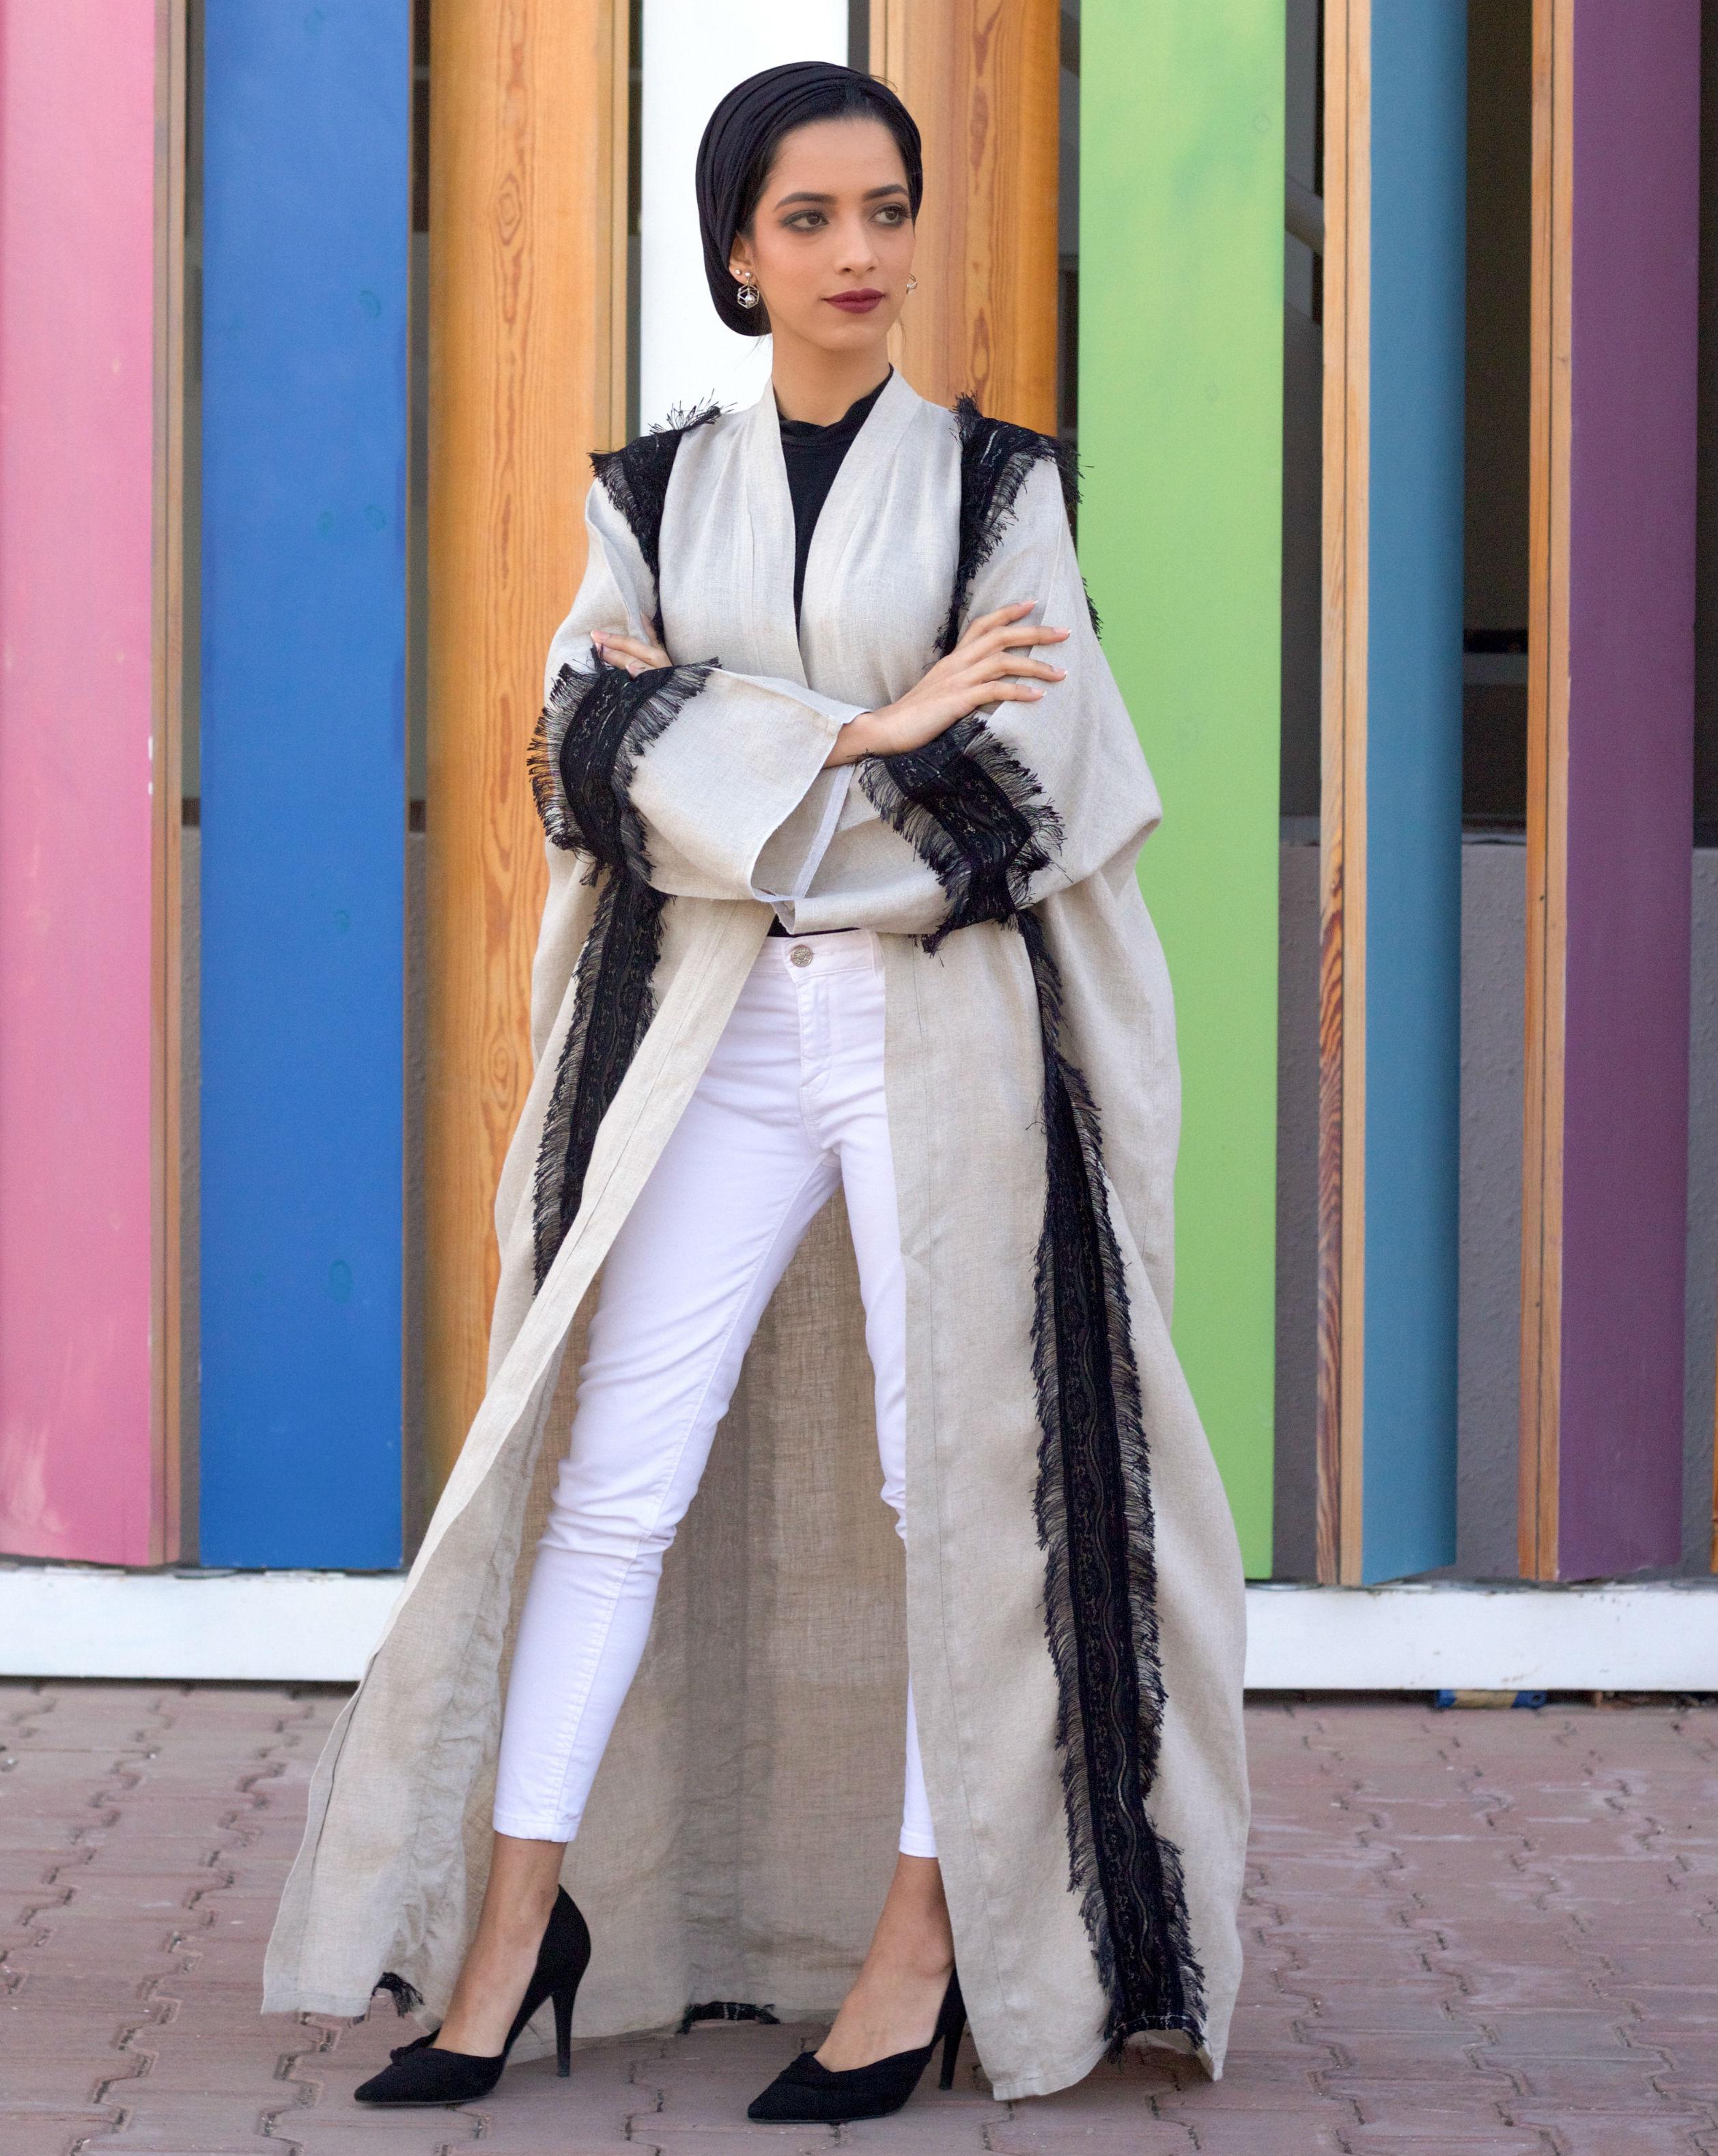 جانب من الأزياء المتنوعة للمرأة السعودية